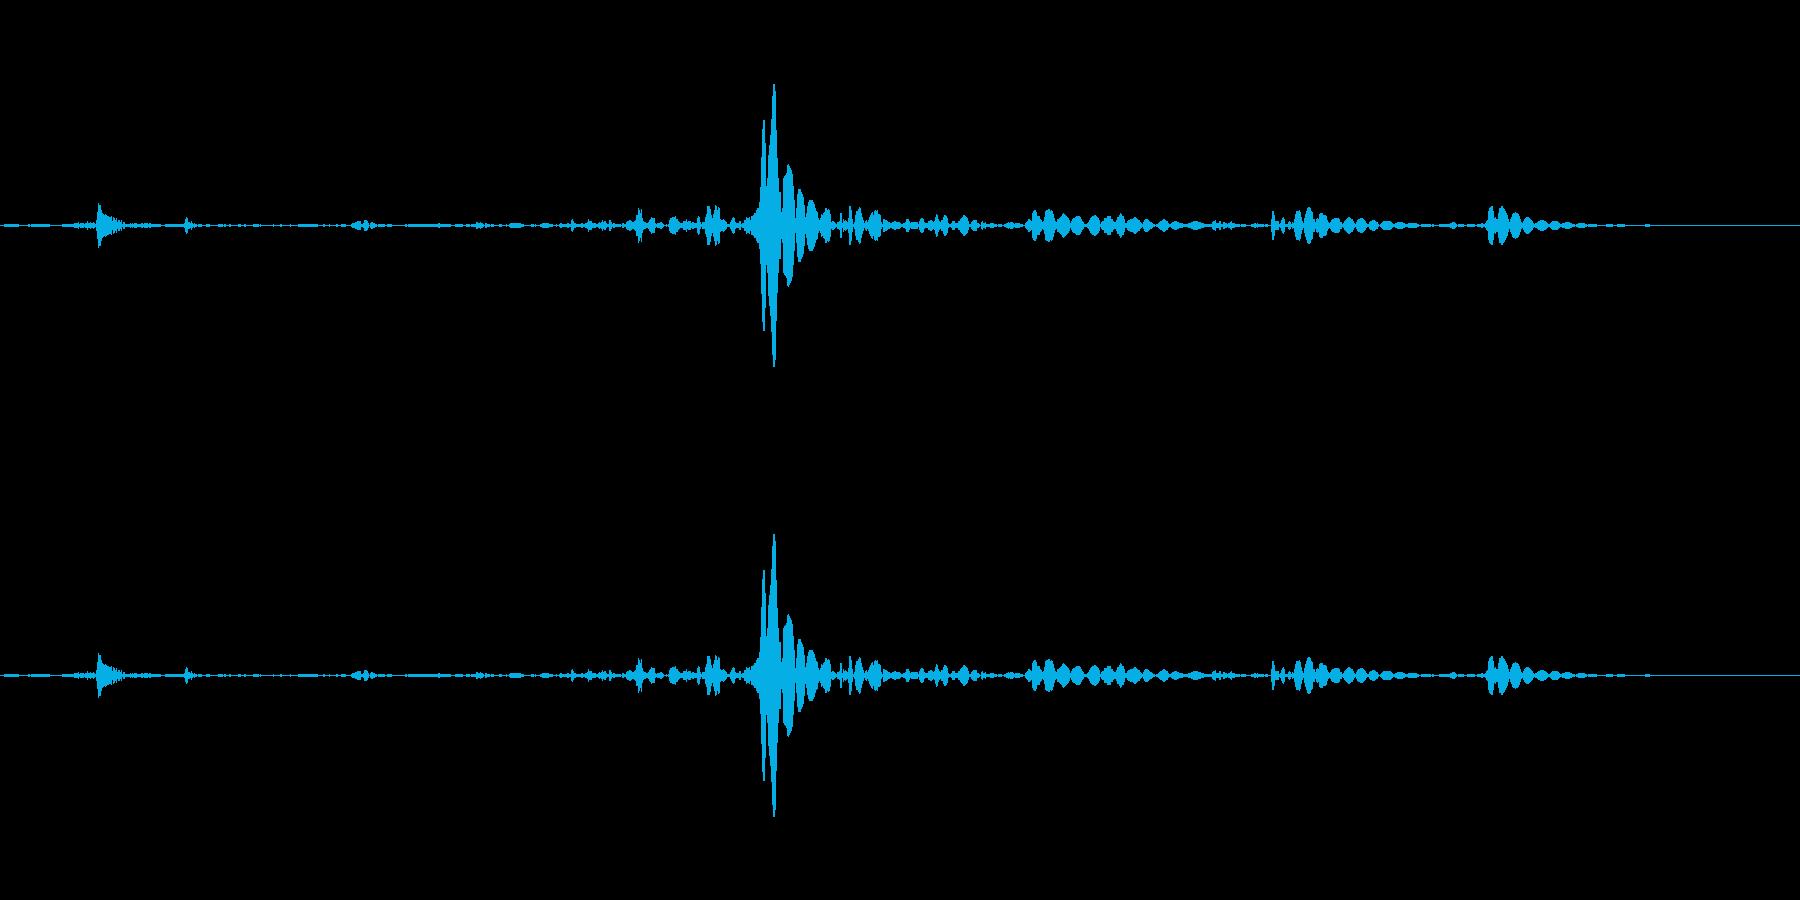 水の抜ける音・飲み込む音の再生済みの波形